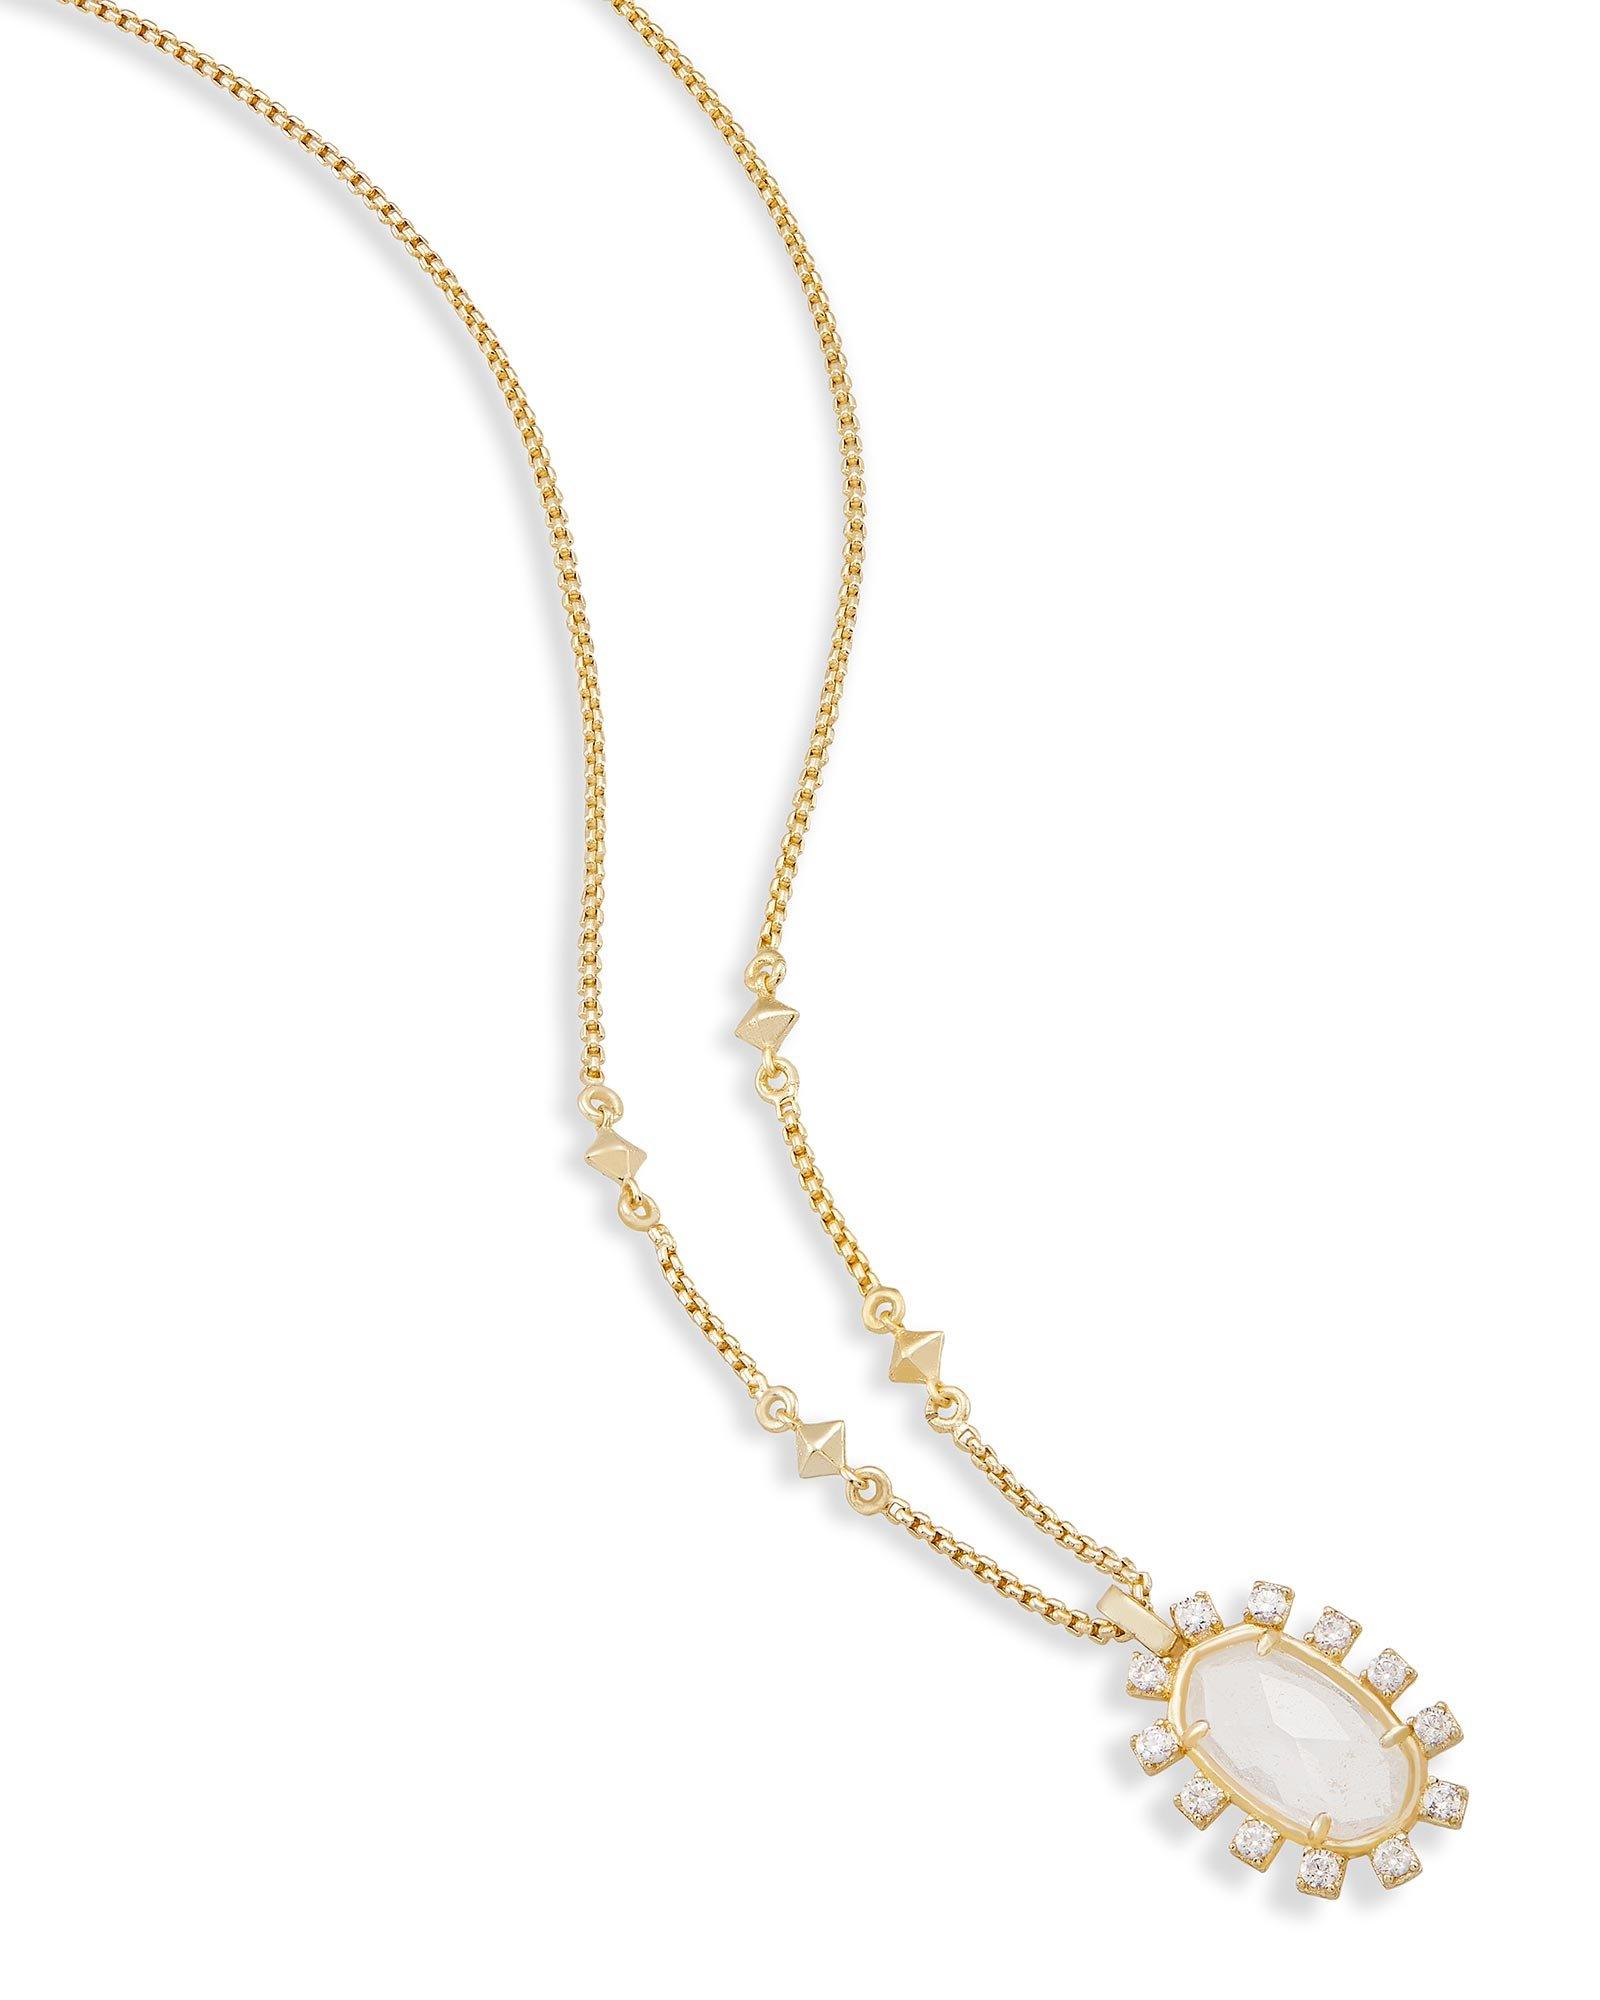 Kendra Scott Brett Pendant Necklace In Rock Crystal